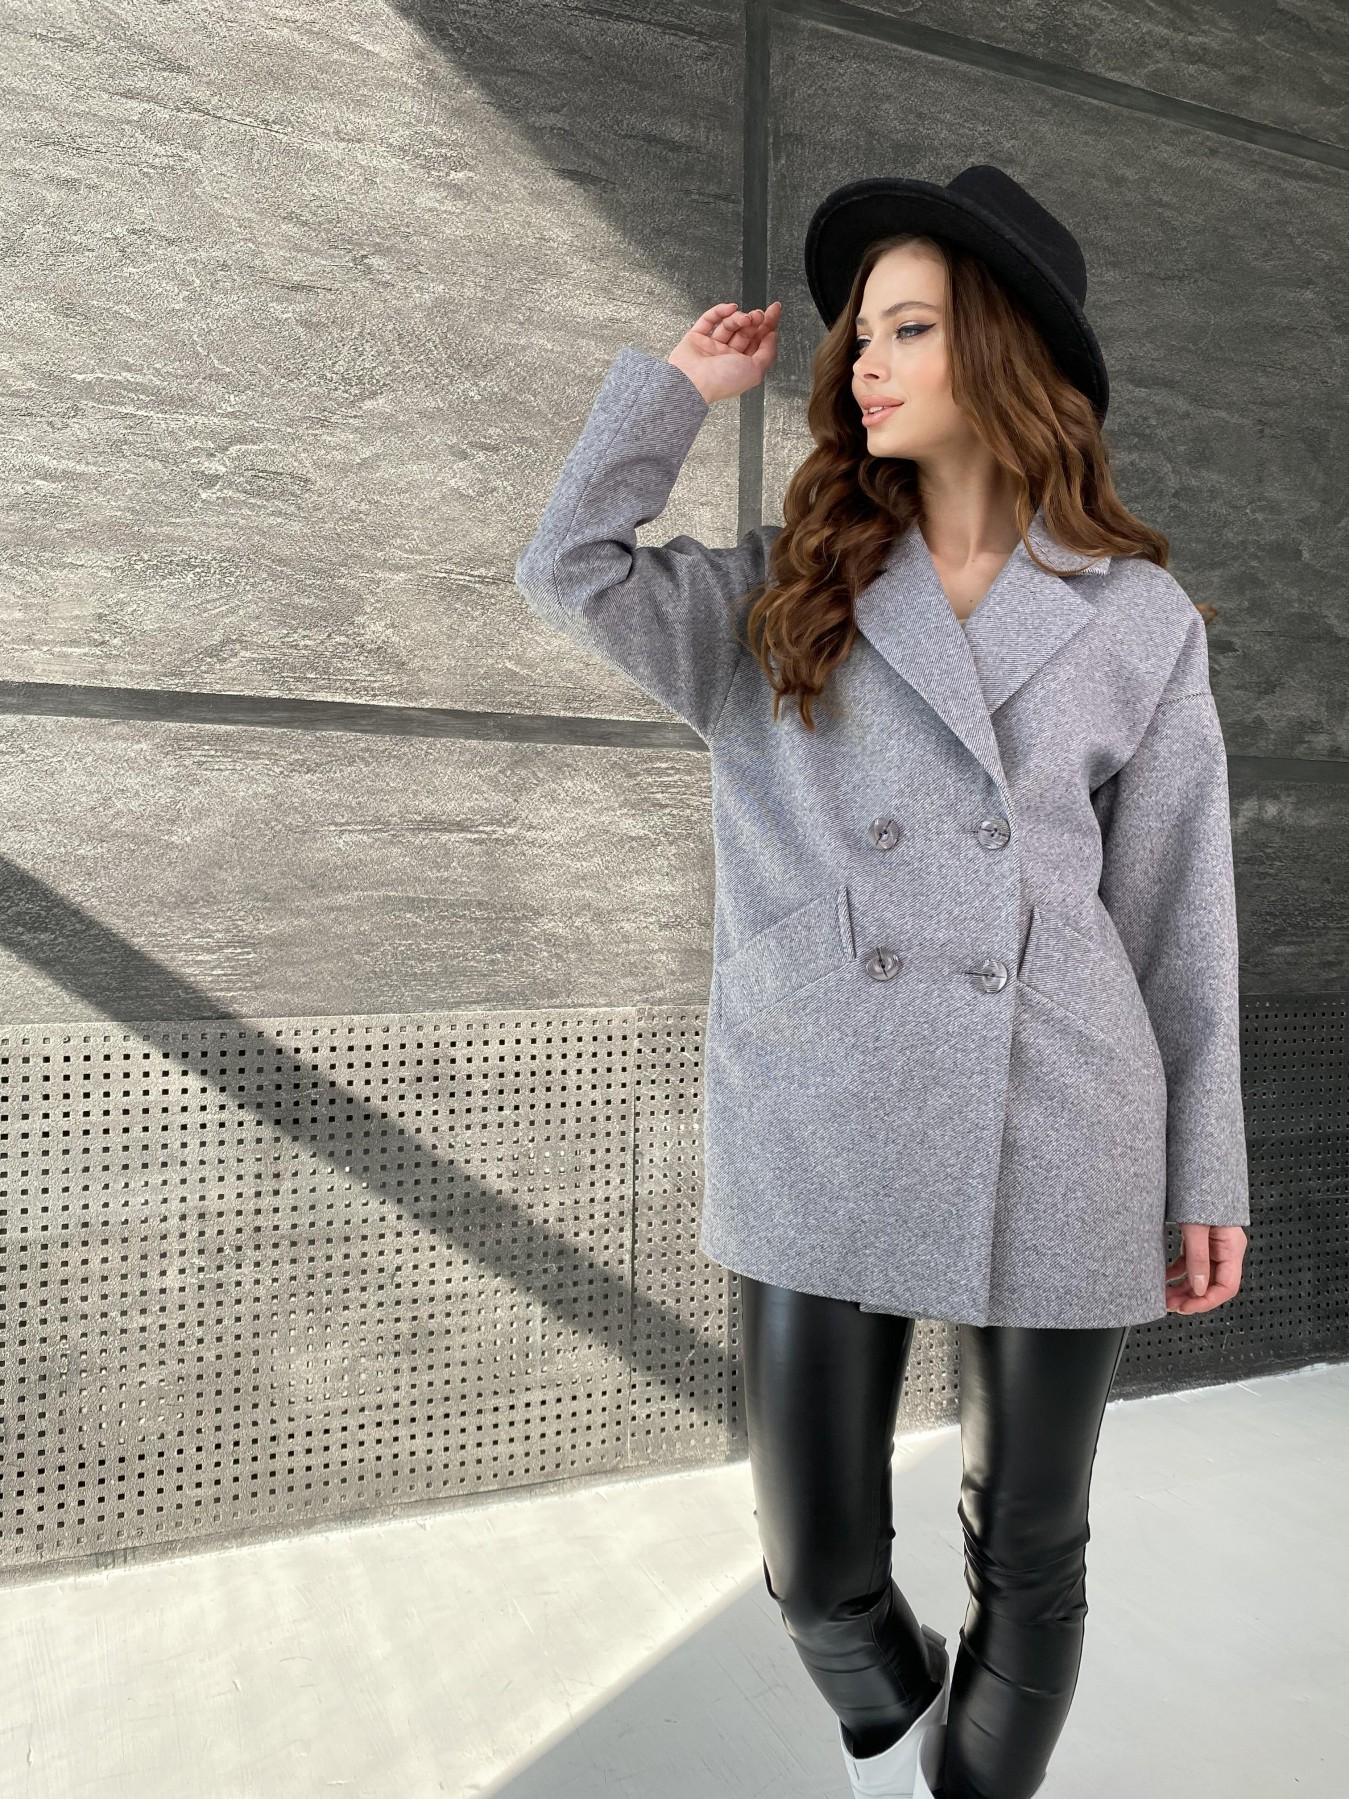 Бонд Диагональ пальто из пальтовой ткани  10757 АРТ. 47191 Цвет: Серый меланж 4 - фото 2, интернет магазин tm-modus.ru